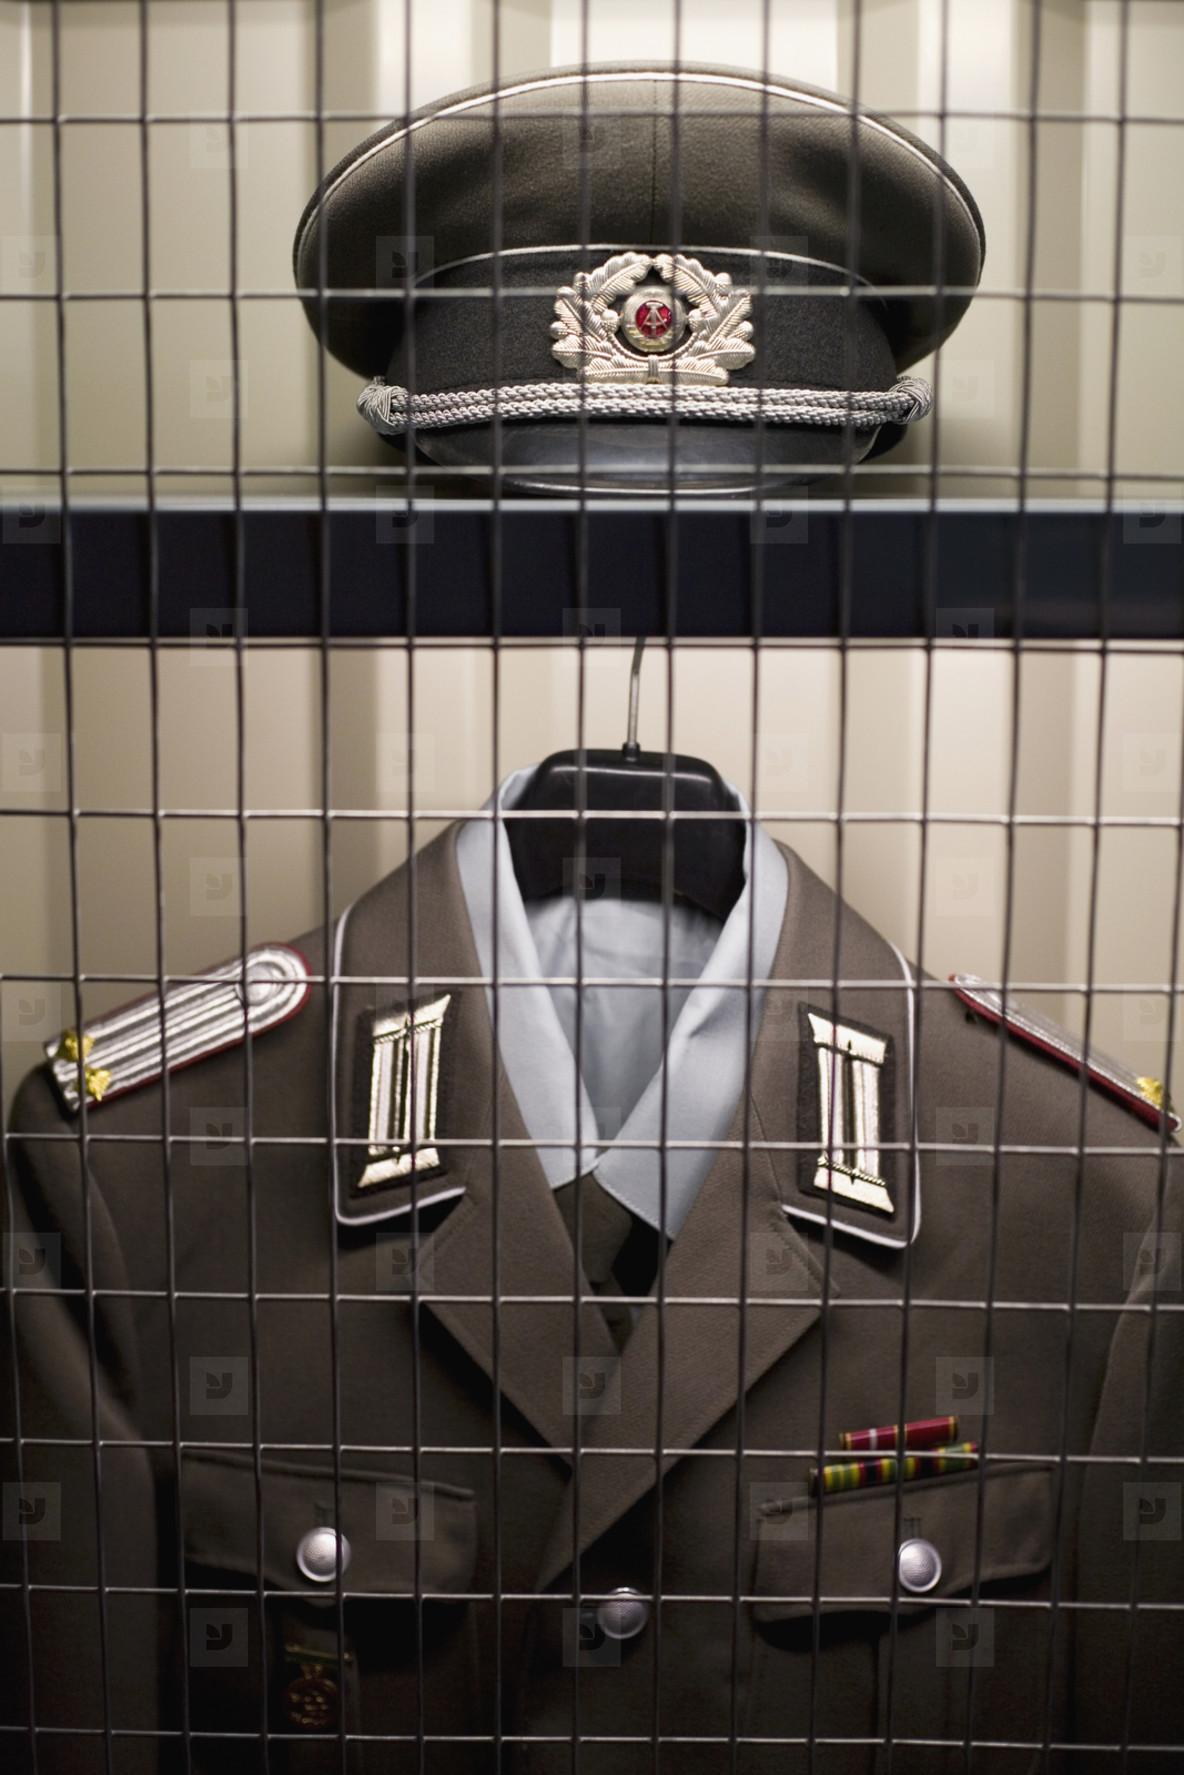 Uniform Snub  07